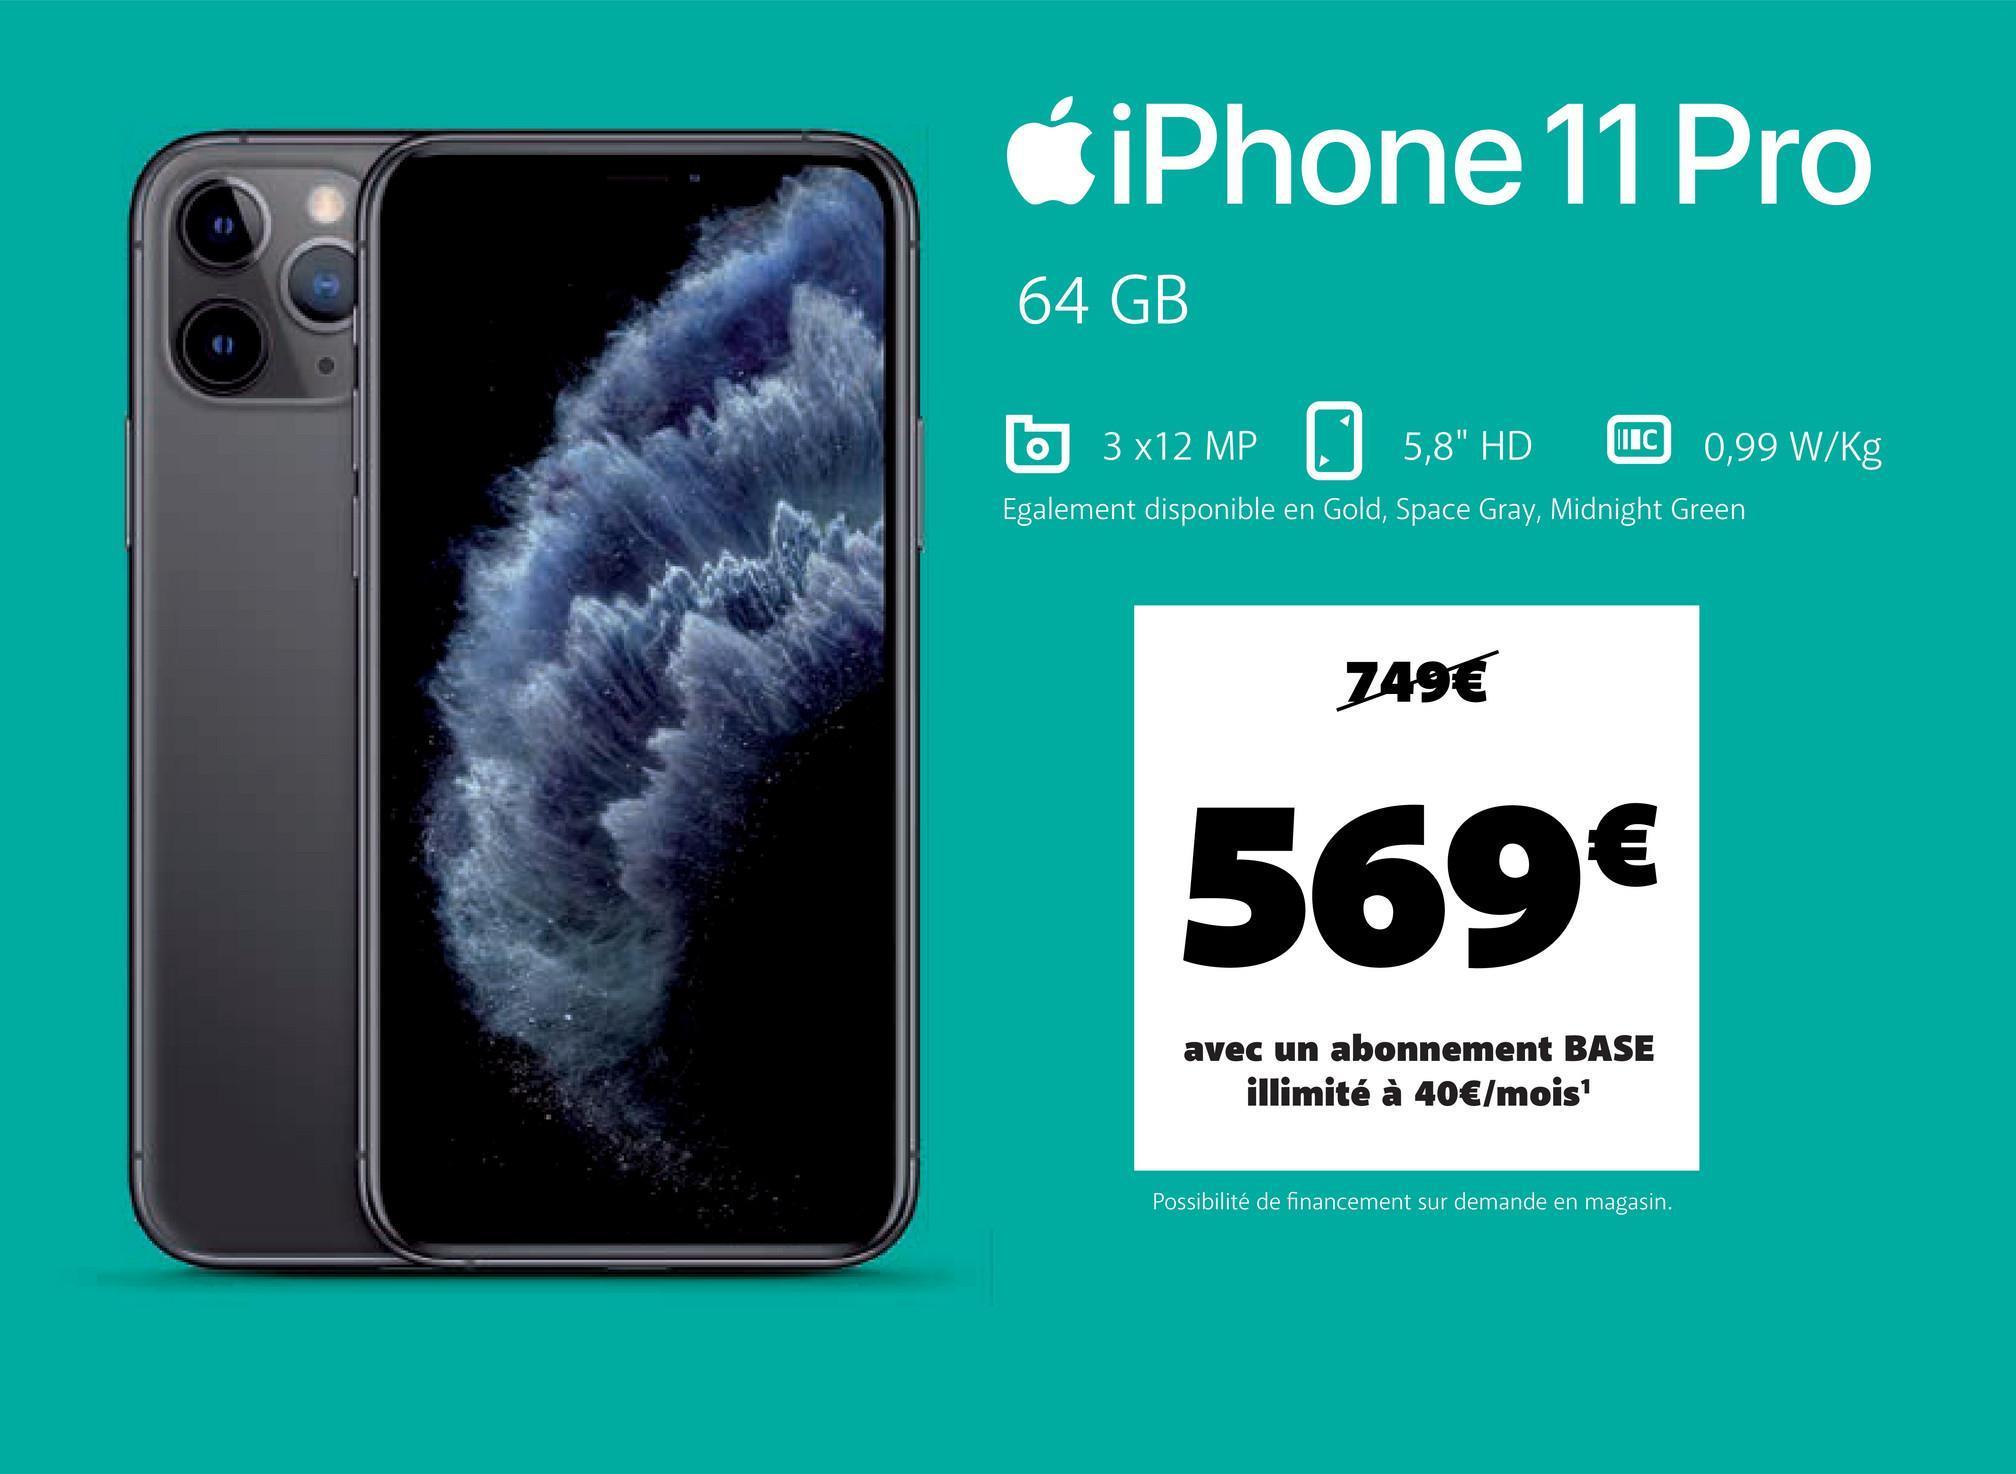 """CiPhone 11 Pro 64 GB O 3 x12 MP 5,8"""" HD 0,99 W/kg Egalement disponible en Gold, Space Gray, Midnight Green O ШІС 749€ 569€ avec un abonnement BASE illimité à 40€/mois Possibilité de financement sur demande en magasin."""